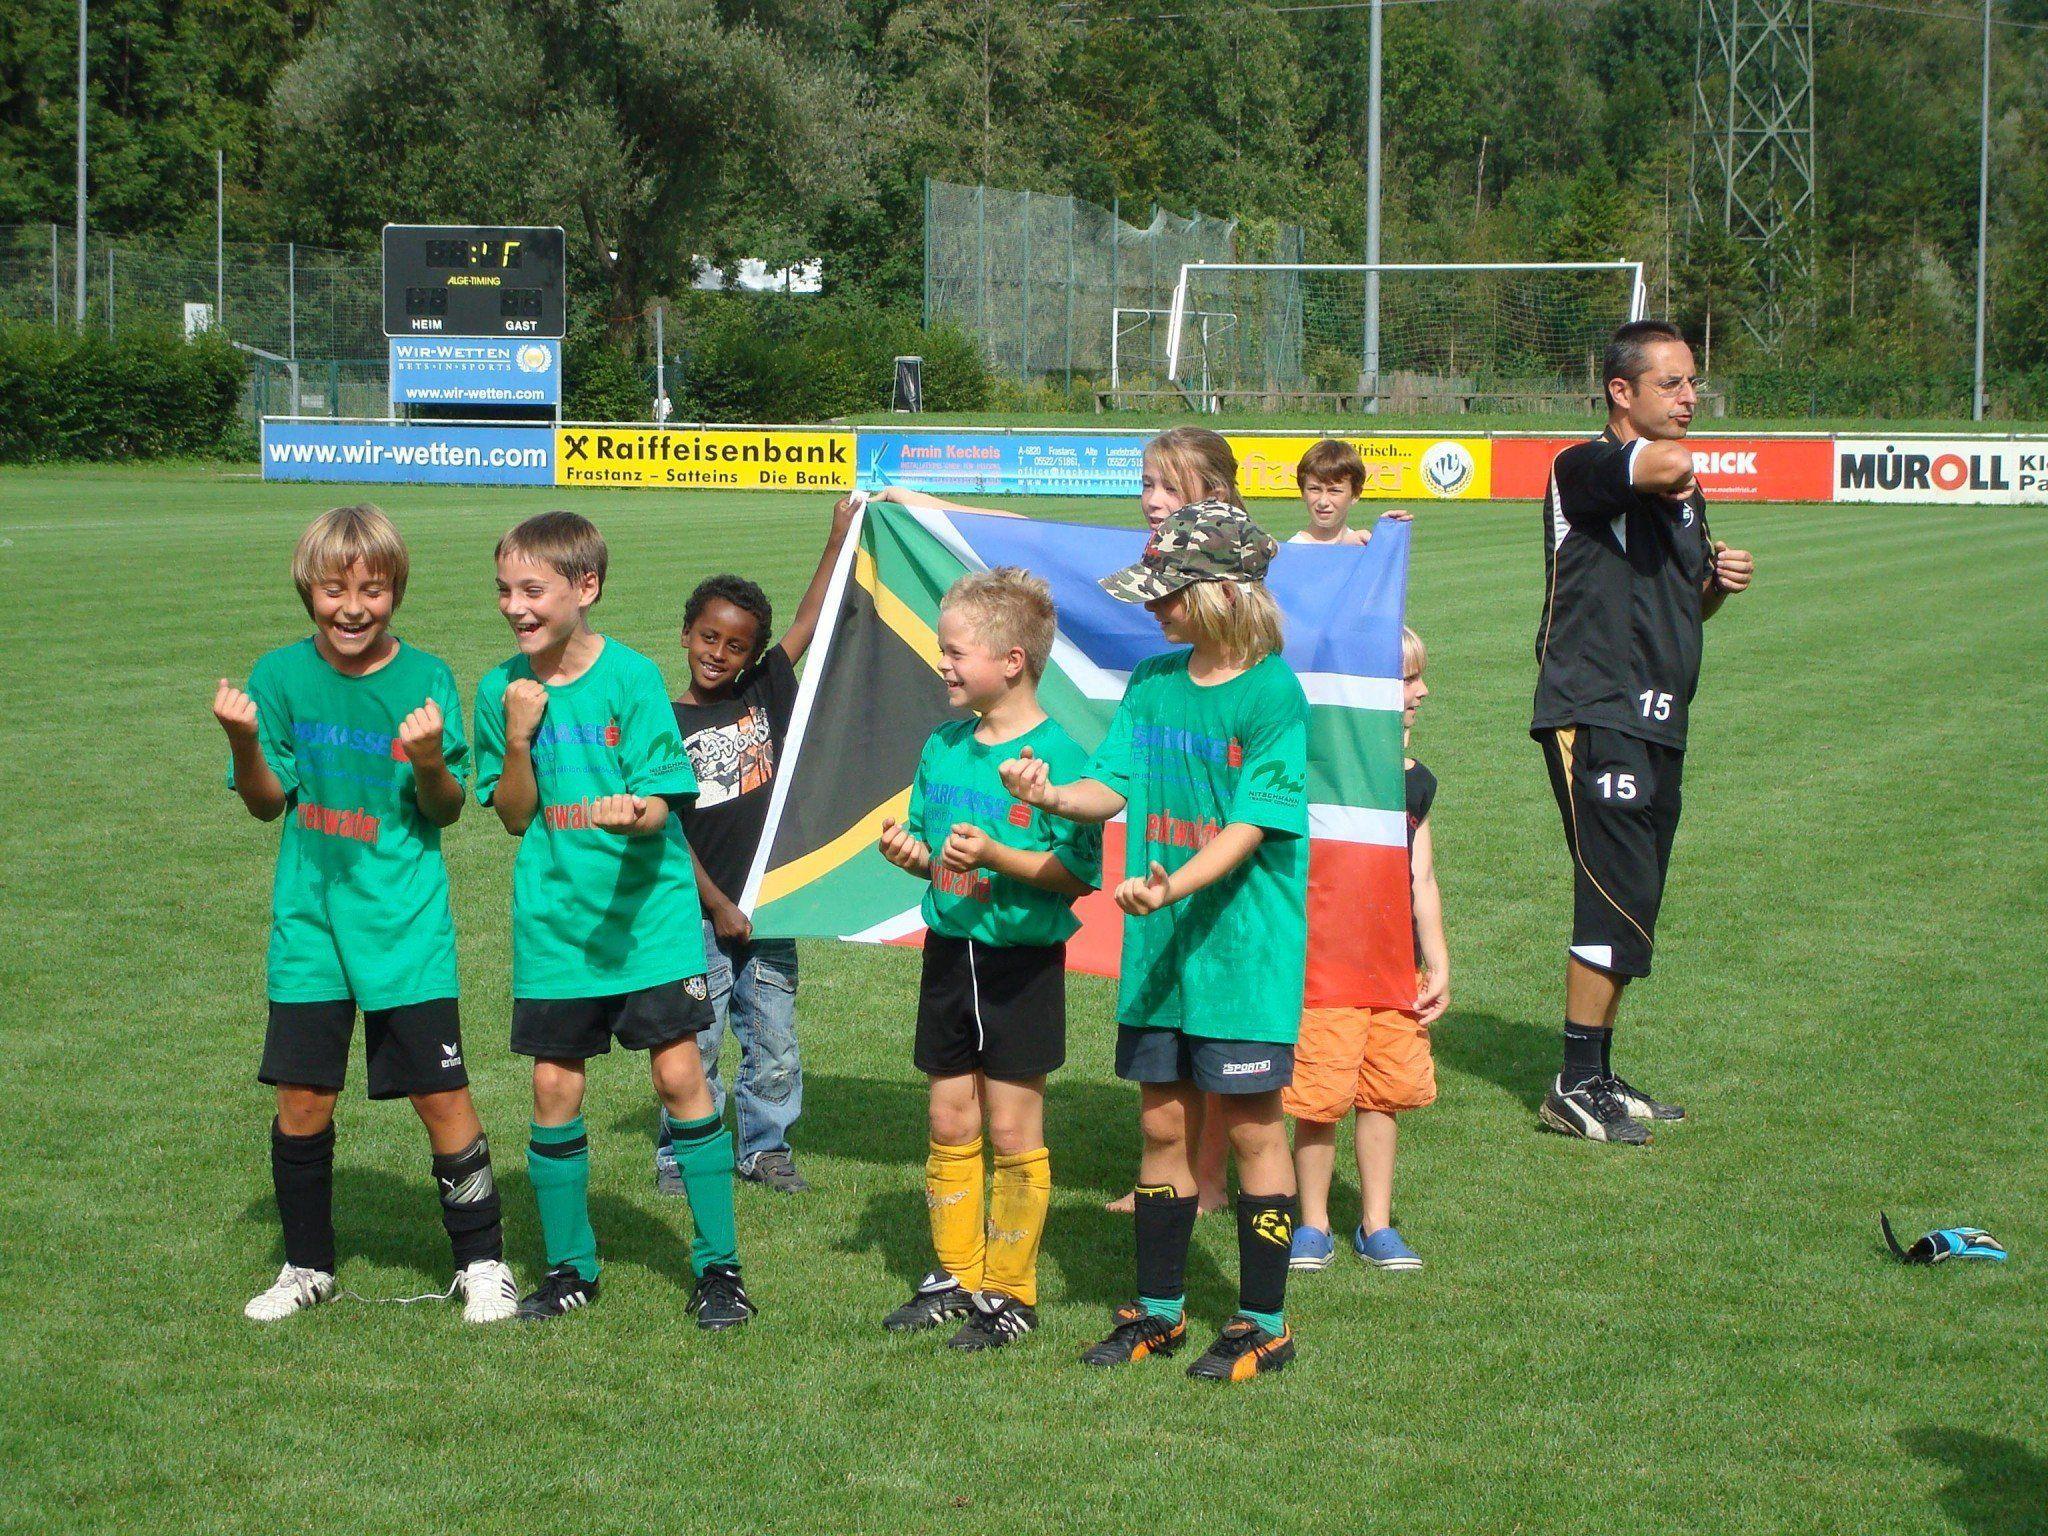 Ferien- und Freizeitcamp für Kicker U8 - U13 vom 19. bis 23. August, 9.30 (montags ab 9.00 Uhr) bis 16 Uhr.